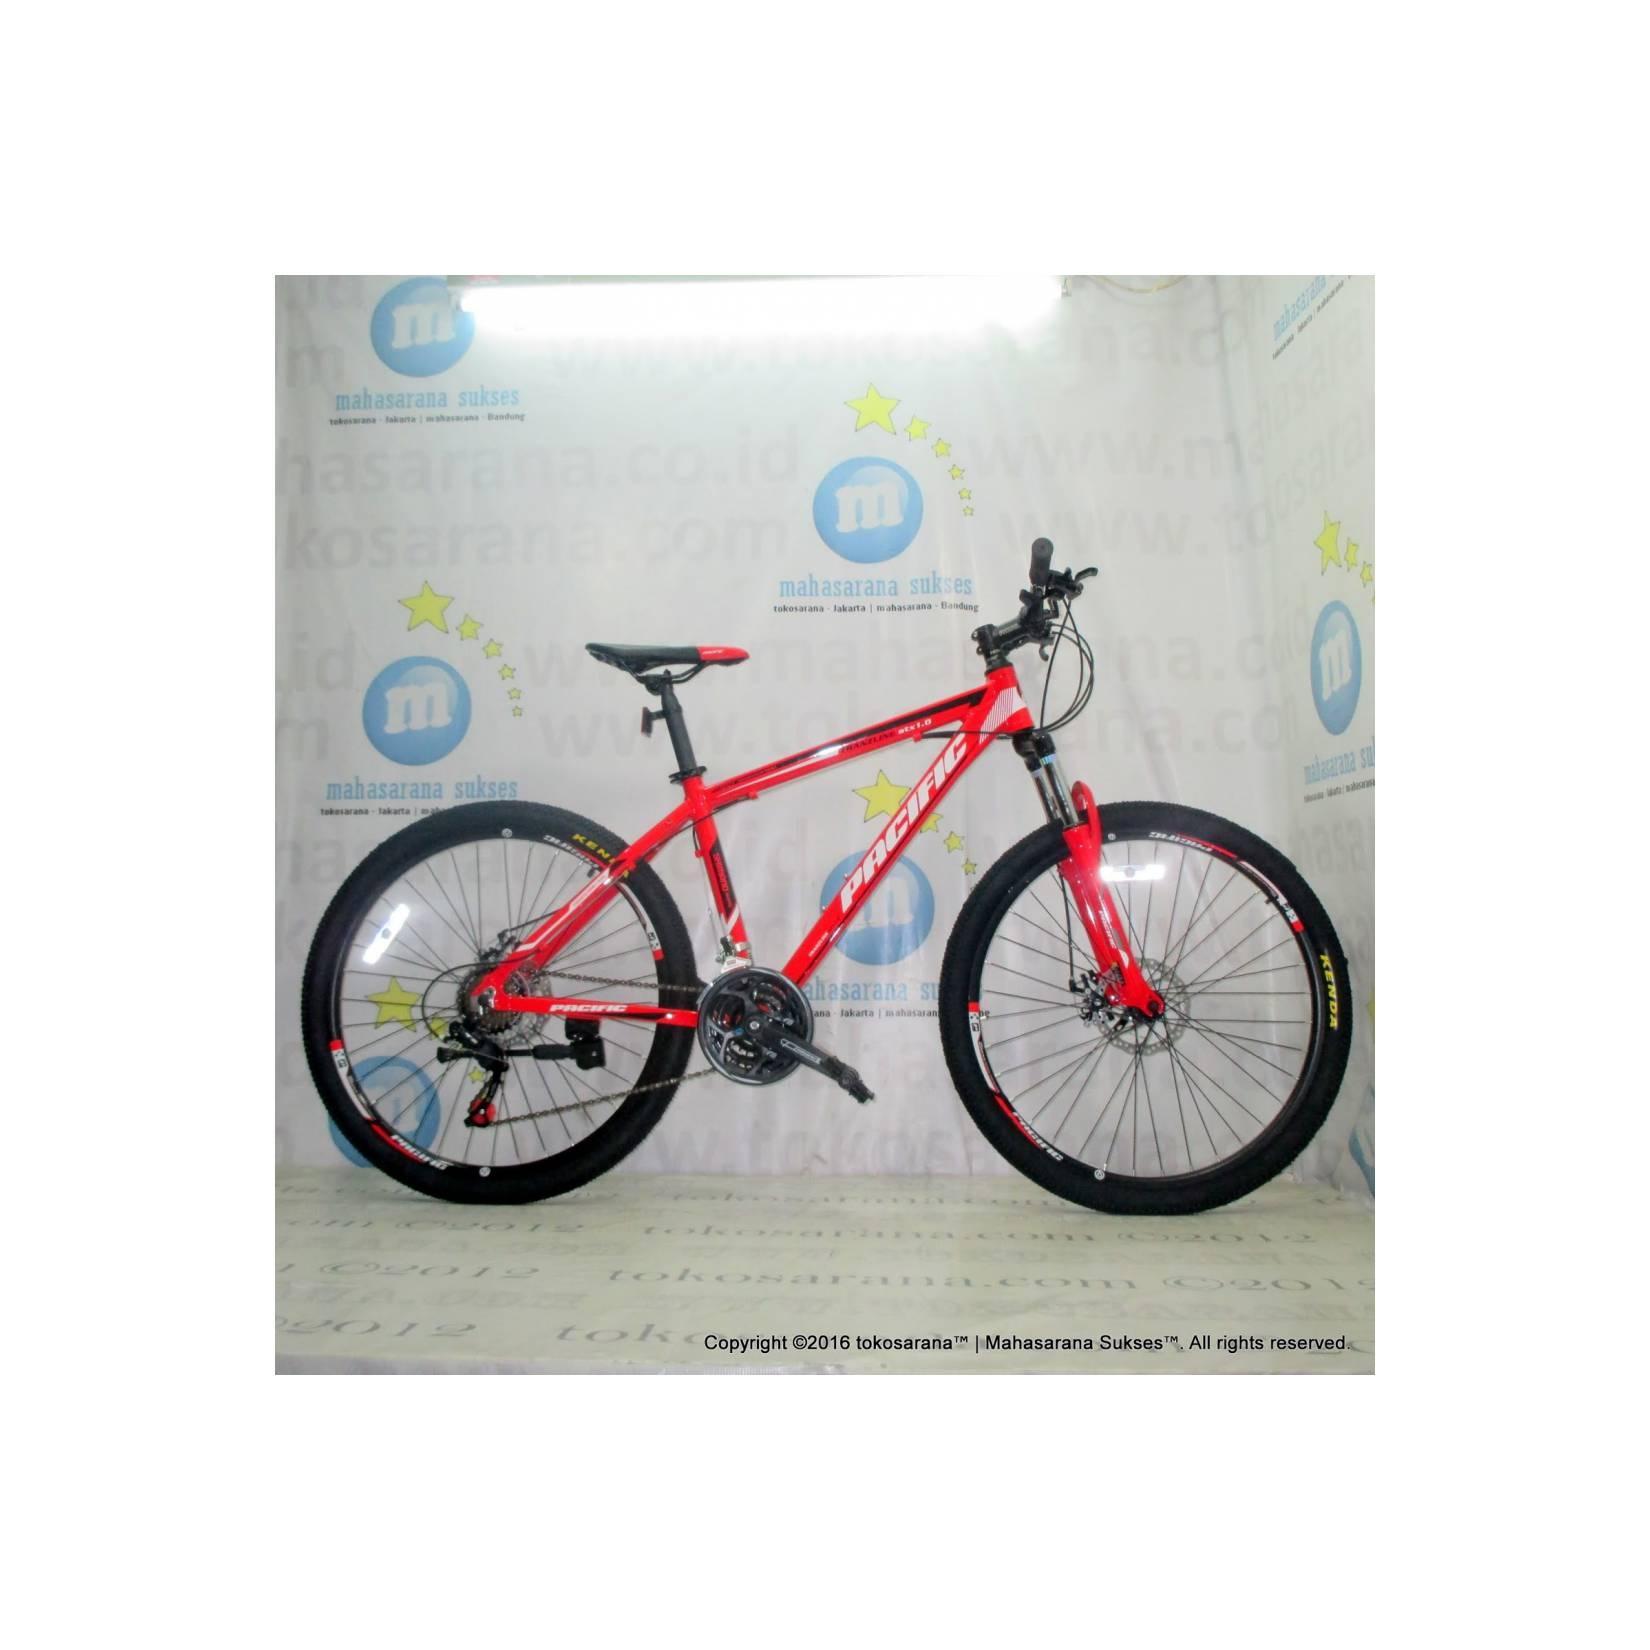 Pacific Tranzline ATX1.0 Aloi 6061 21 Speed Sepeda Gunung 26 Inci